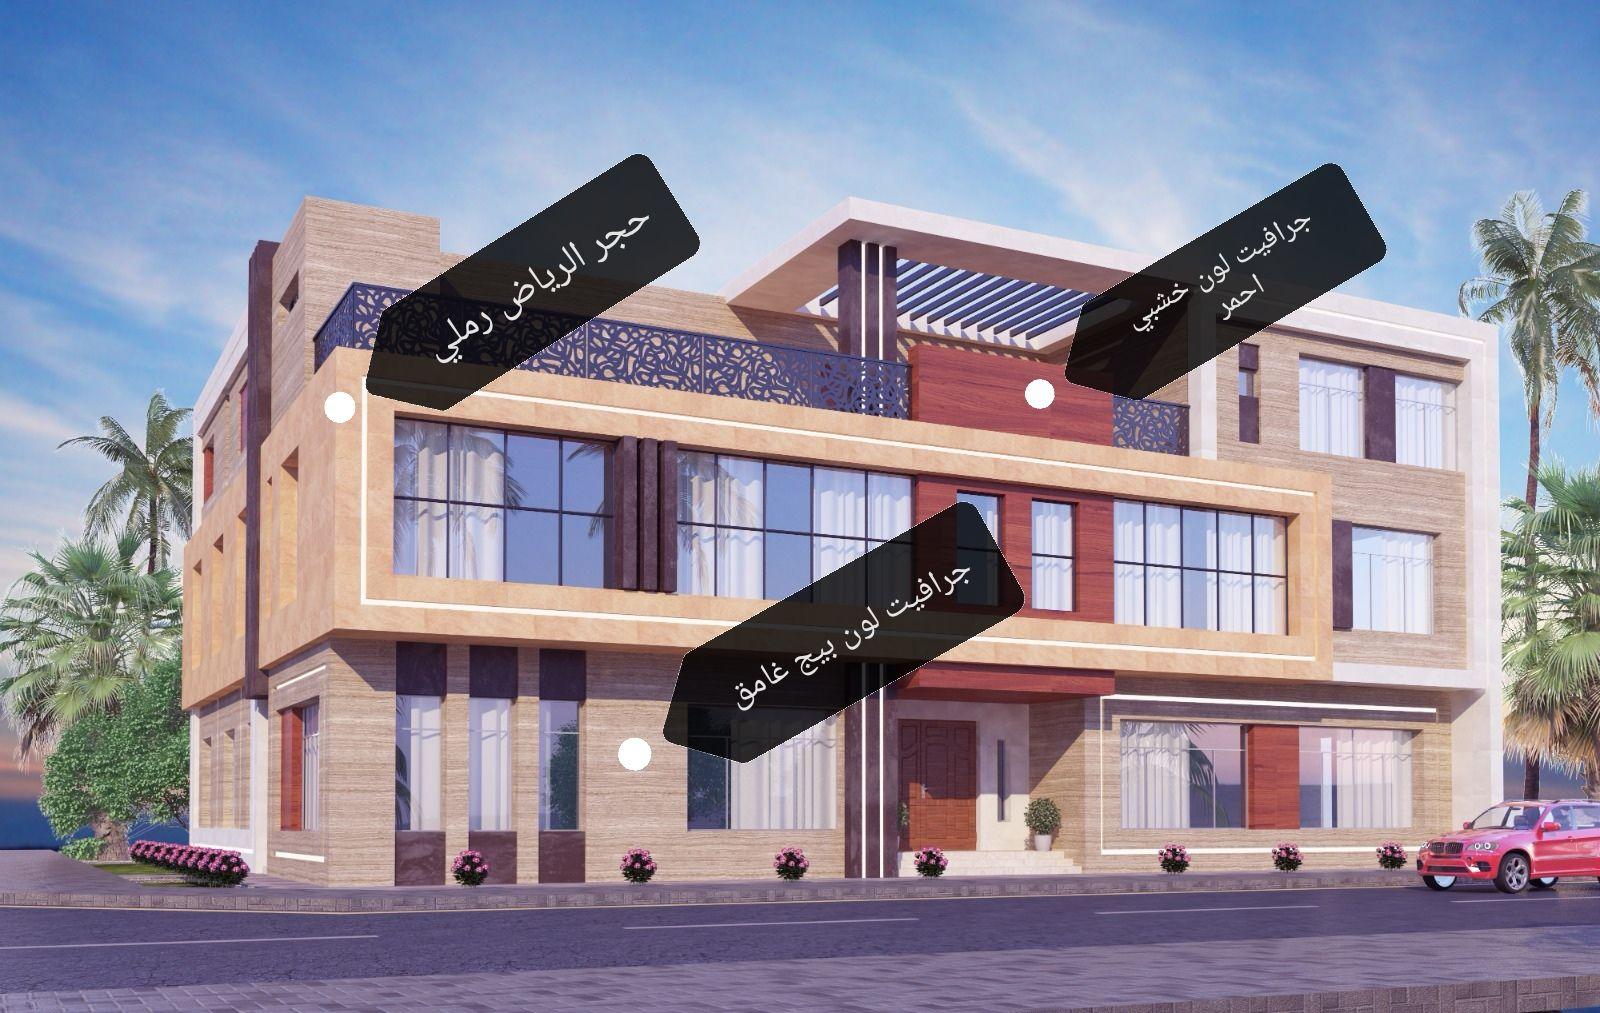 تكلفة تشطيب واجهة عمارة حجر هاشمى Home Decor Decor Home